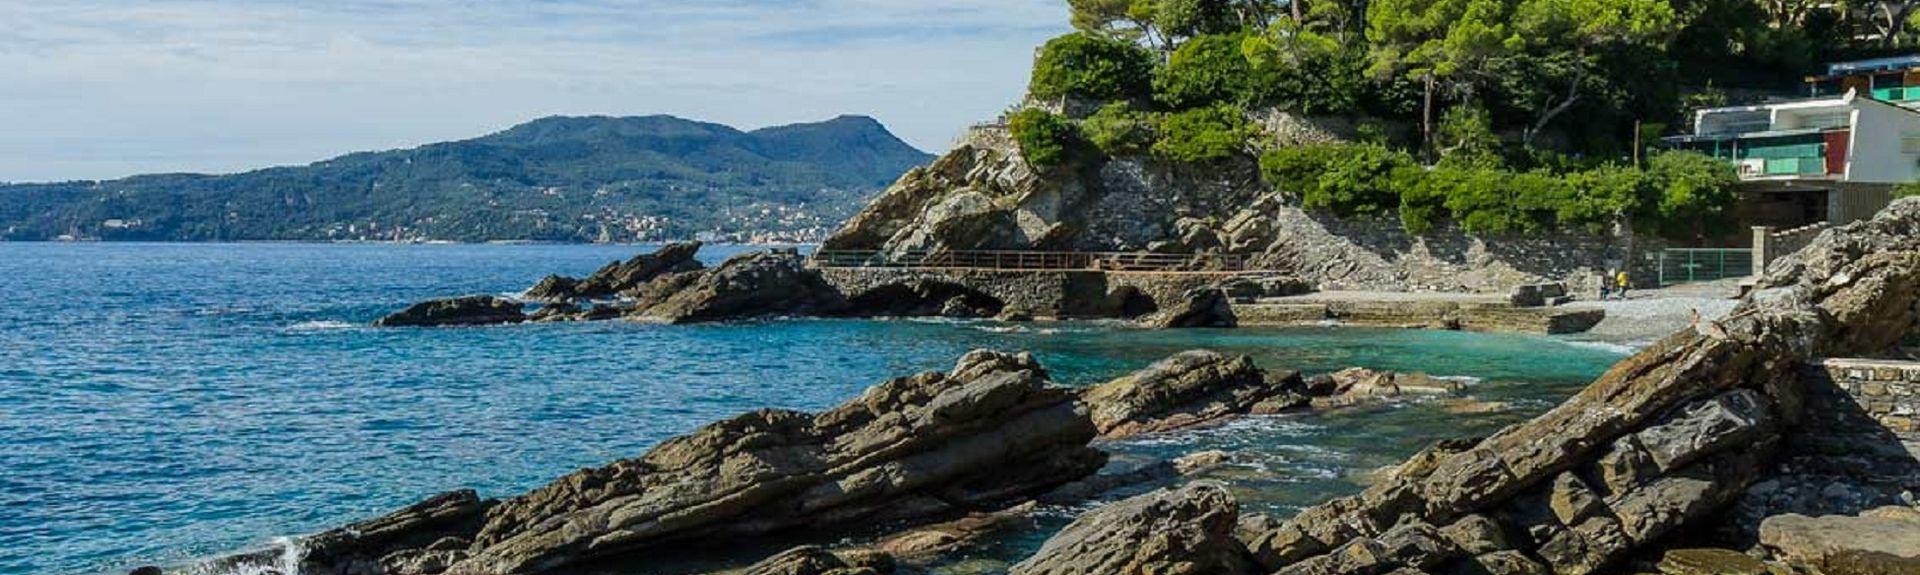 Neirone, Liguria, Włochy